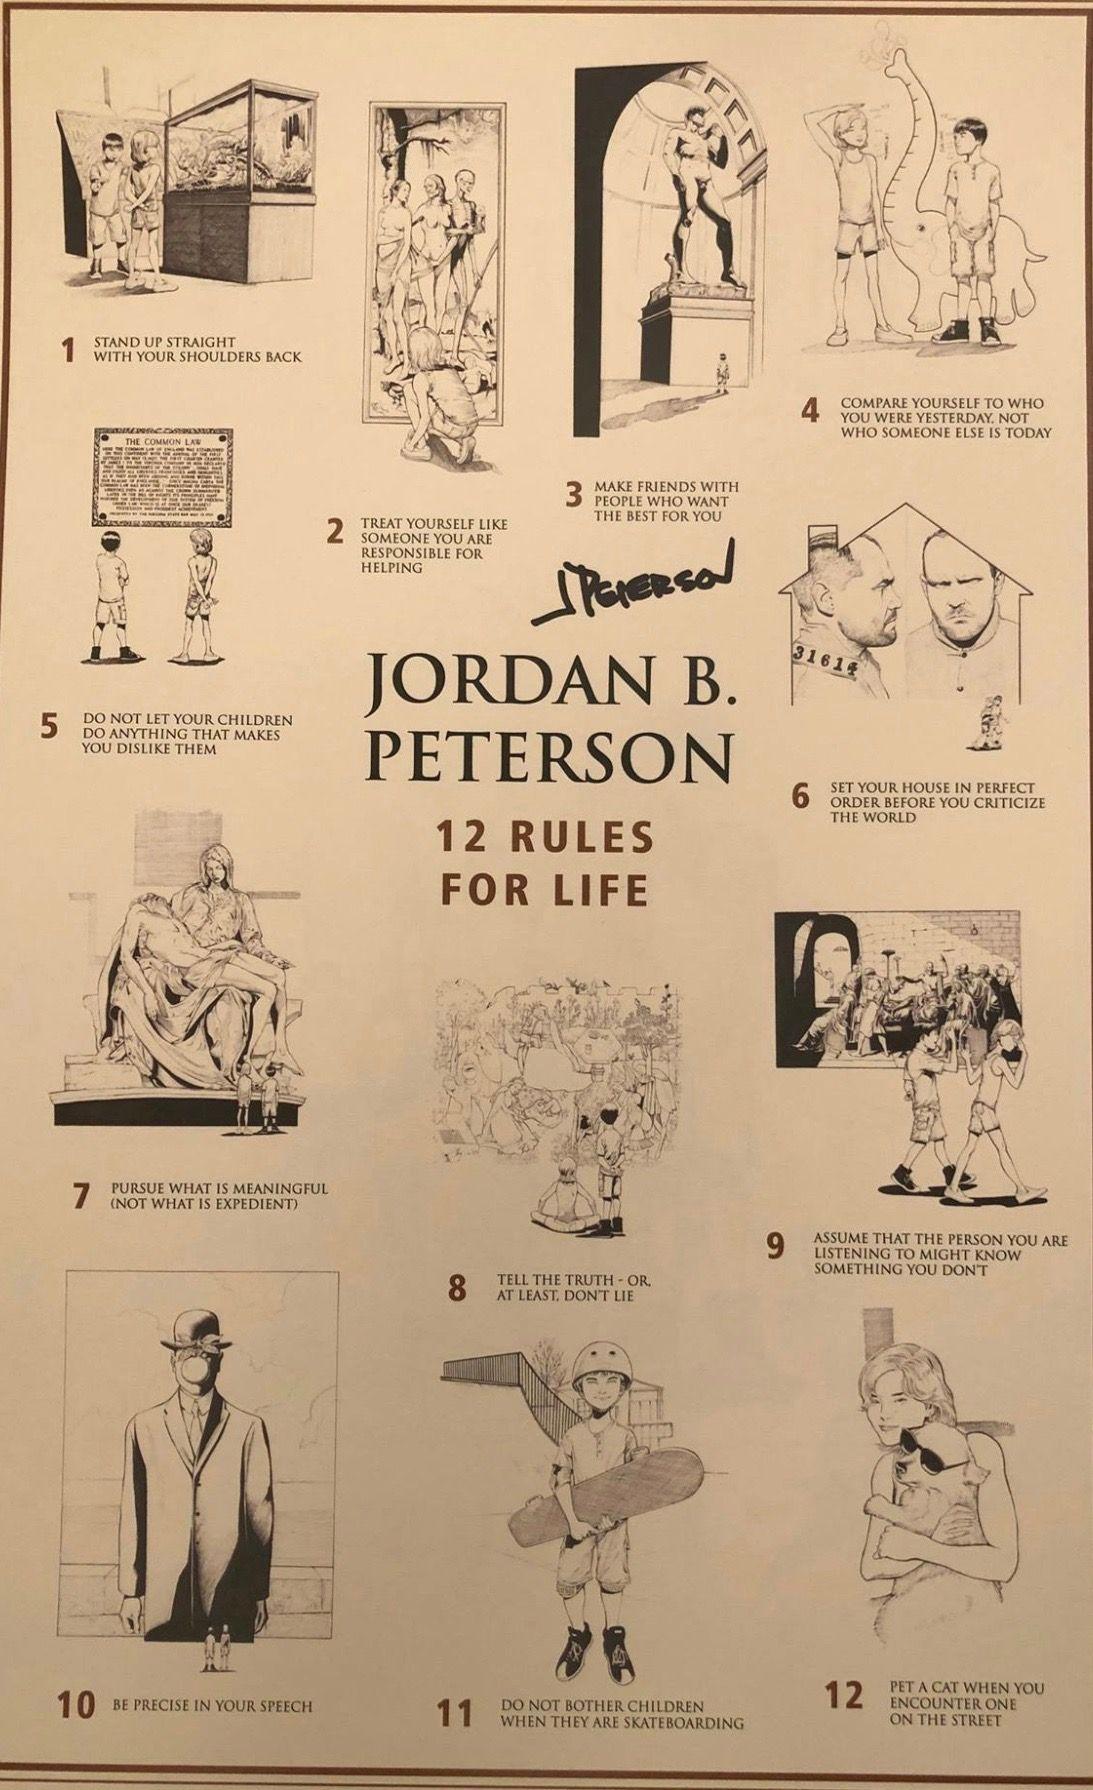 Jordan Peterson La Femminilita Ha In Se La Possibita Di Generare Il Nuovo L Ignoto A Volte Il Marasma Life Rules Jordan B Life